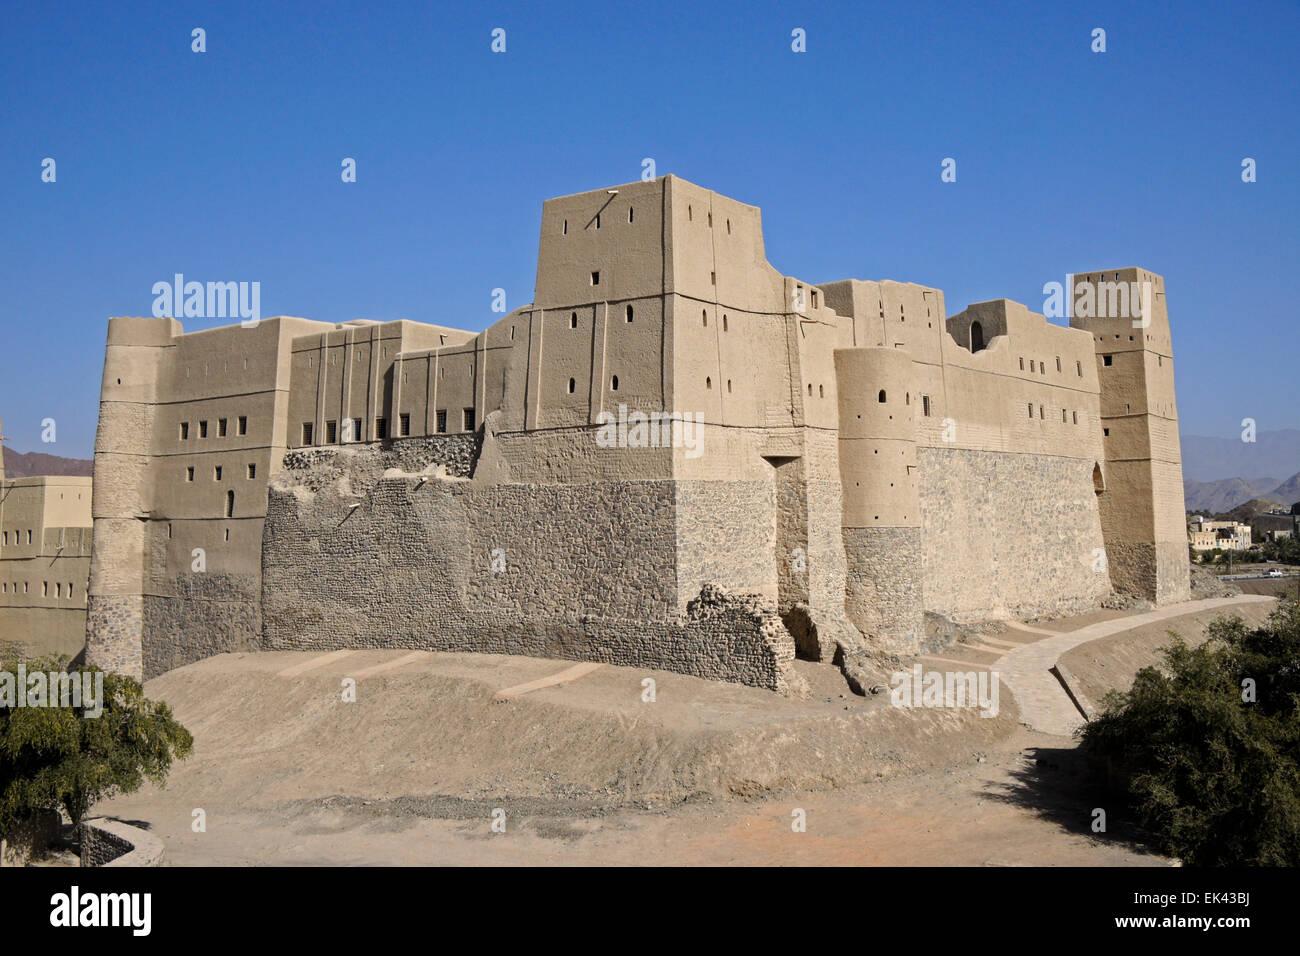 Bahla (Bahala) Fort, il sultanato di Oman Immagini Stock